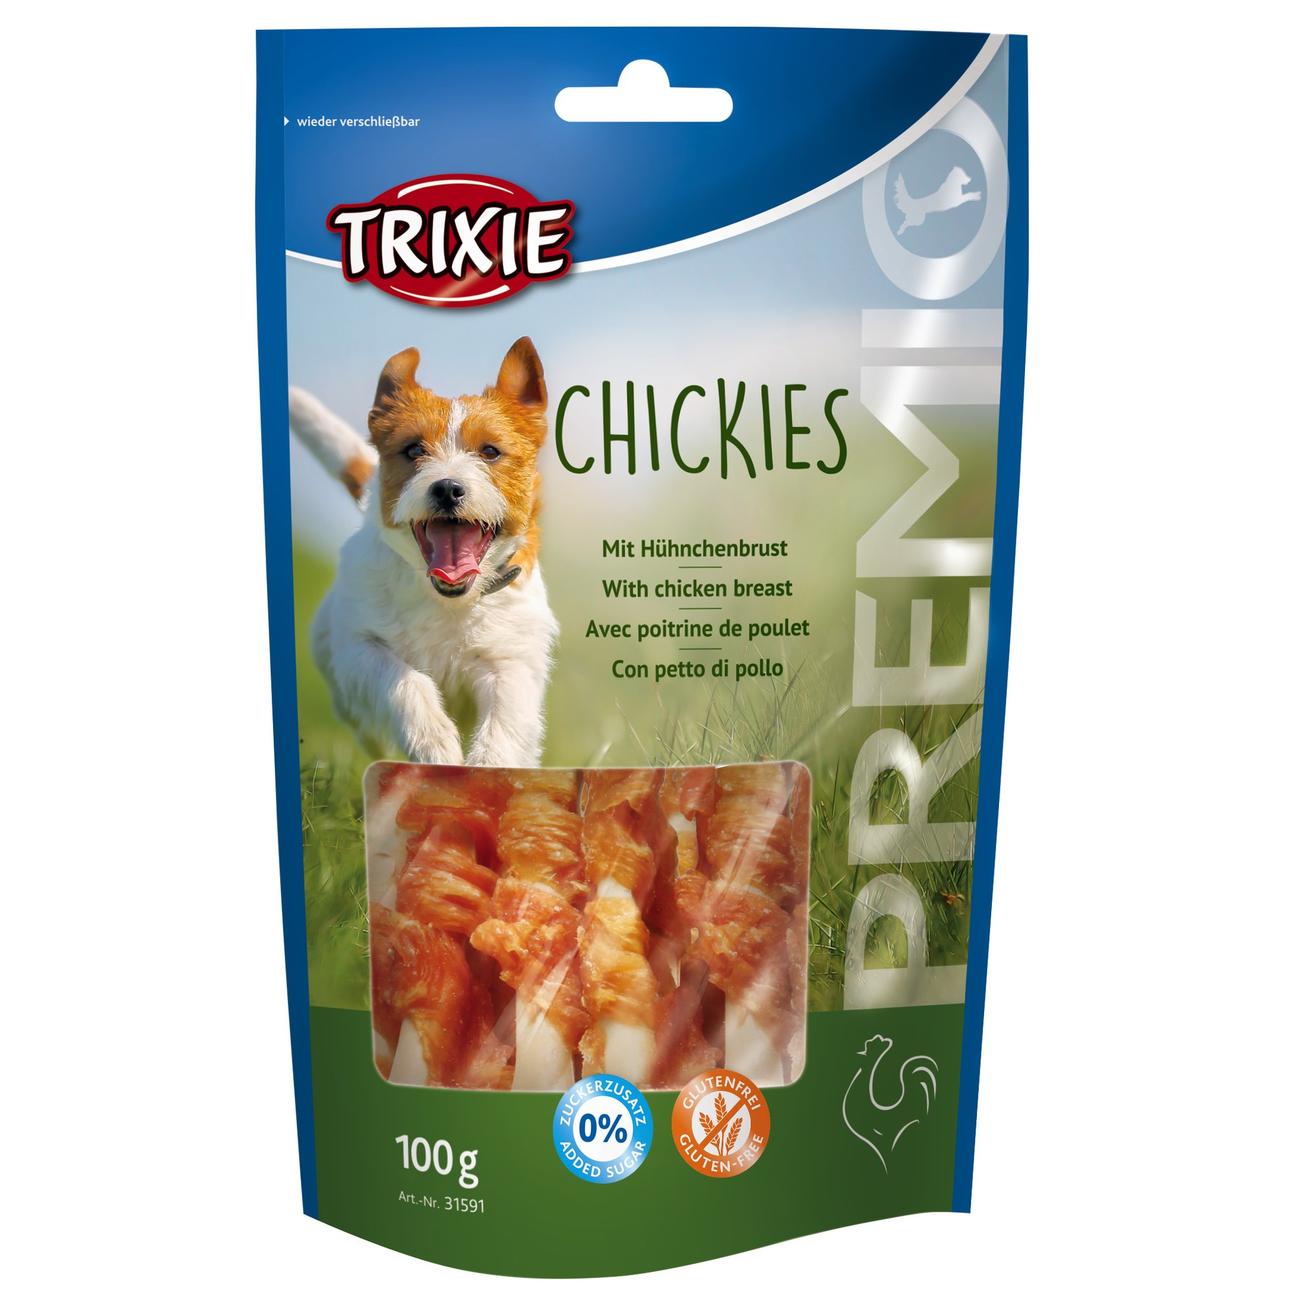 Trixie Premio Chickies für Hunde 31591